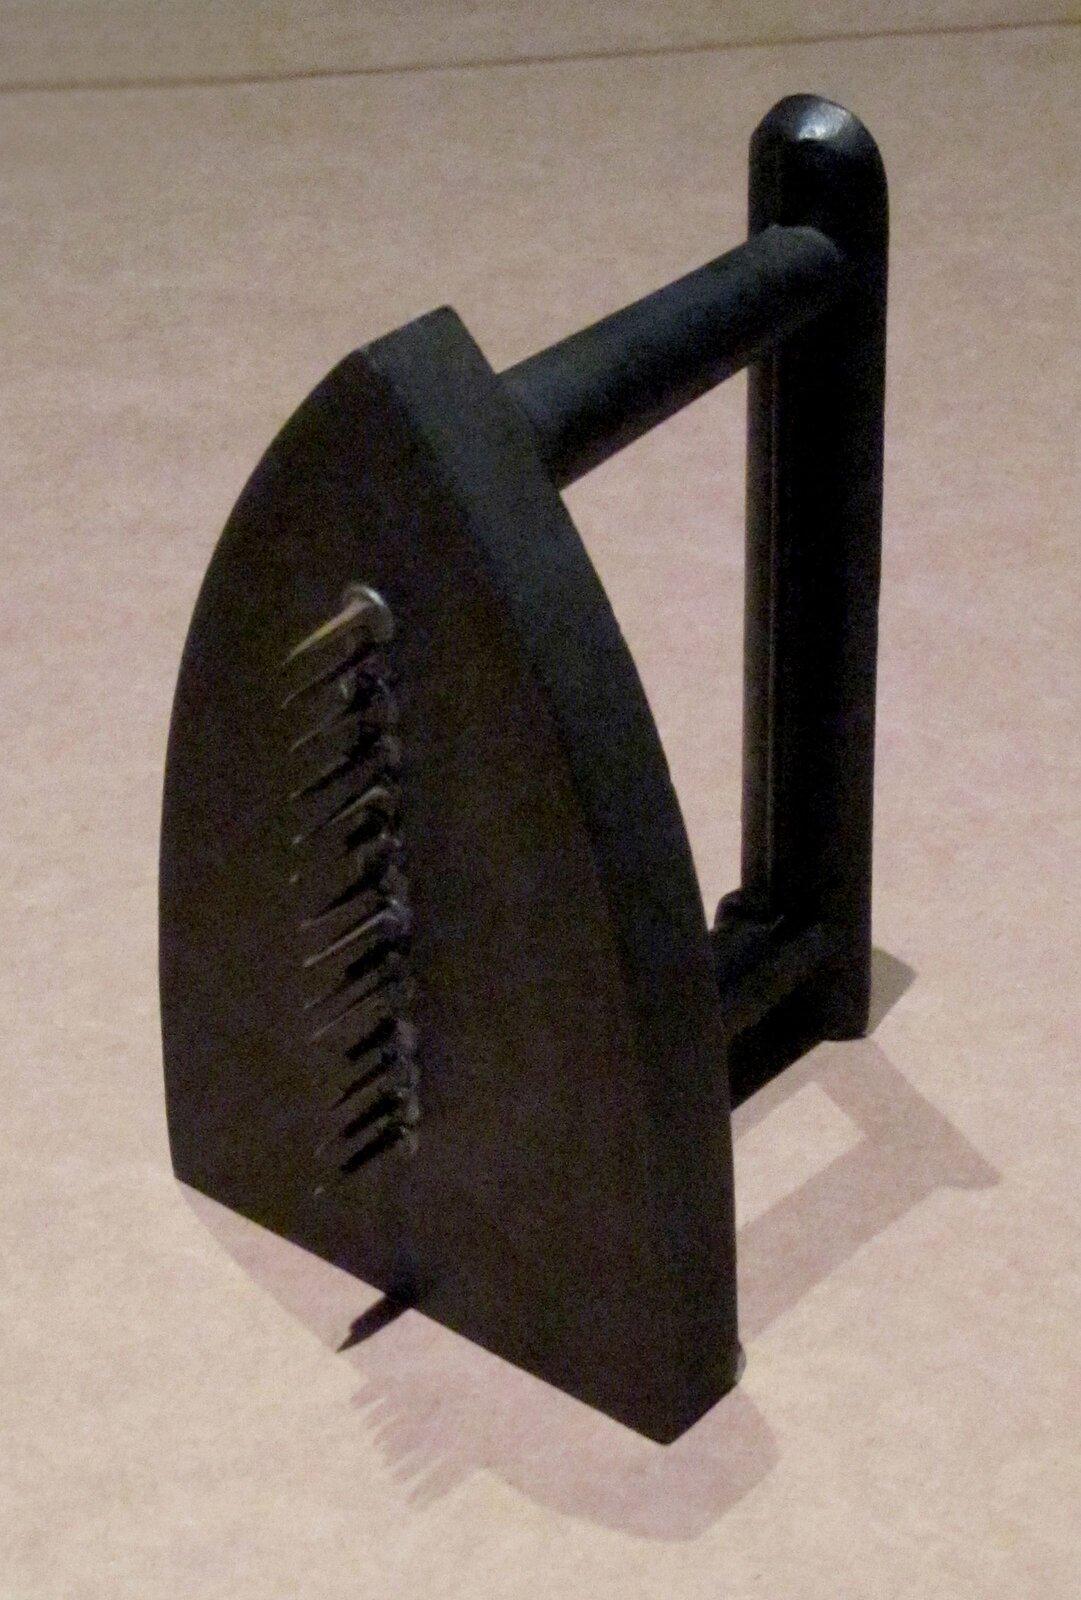 """Ilustracja przedstawia dzieło Mana Raya pt. """"Dar"""". Rzeźba jest jedną ze słynnych ikon ruchu surrealistycznego. Składa się zpłaskiego czarnego żelazka, które zostało przekształcone wniefunkcjonalny przedmiot poprzez dodanie rzędu czternastu gwoździ.."""